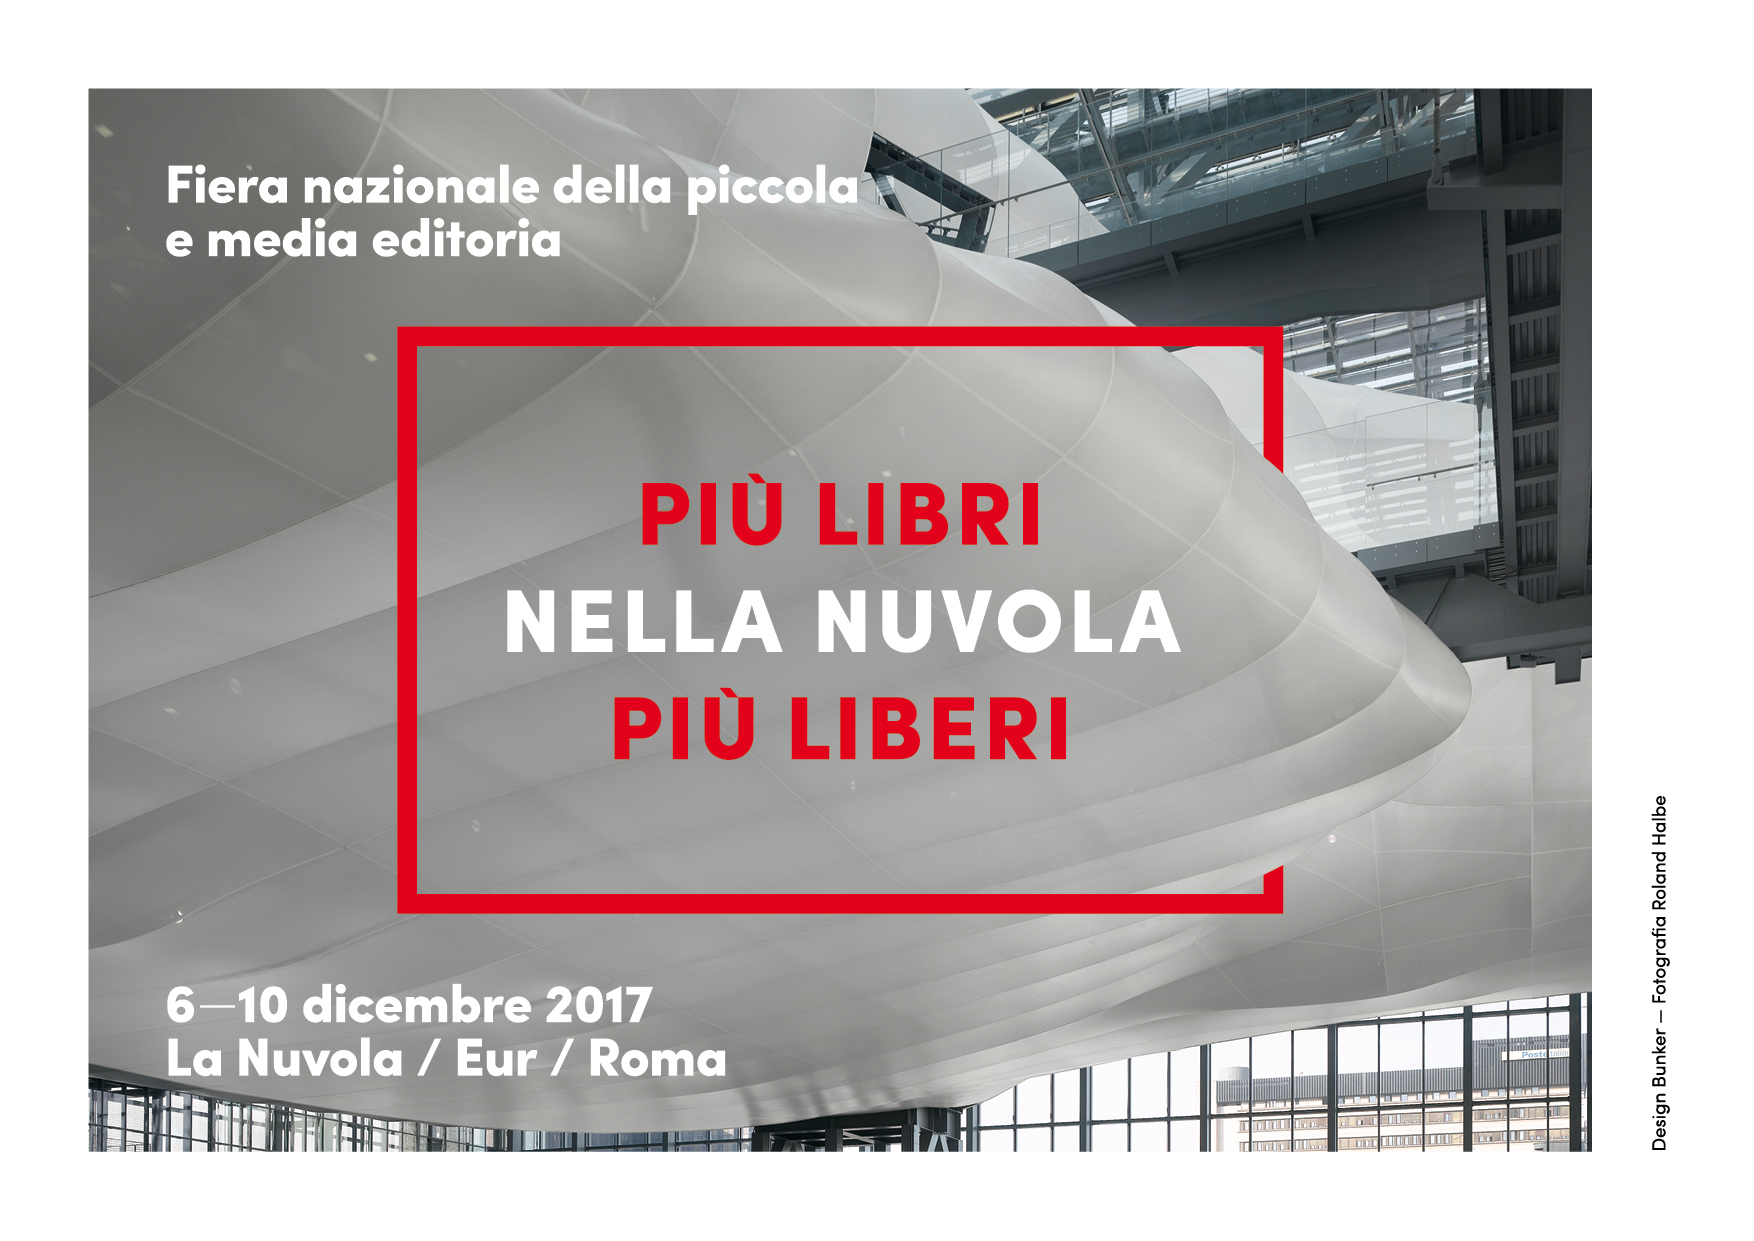 Una nuvola di libri, a Roma, per la Fiera Nazionale della Piccola e Media Editoria